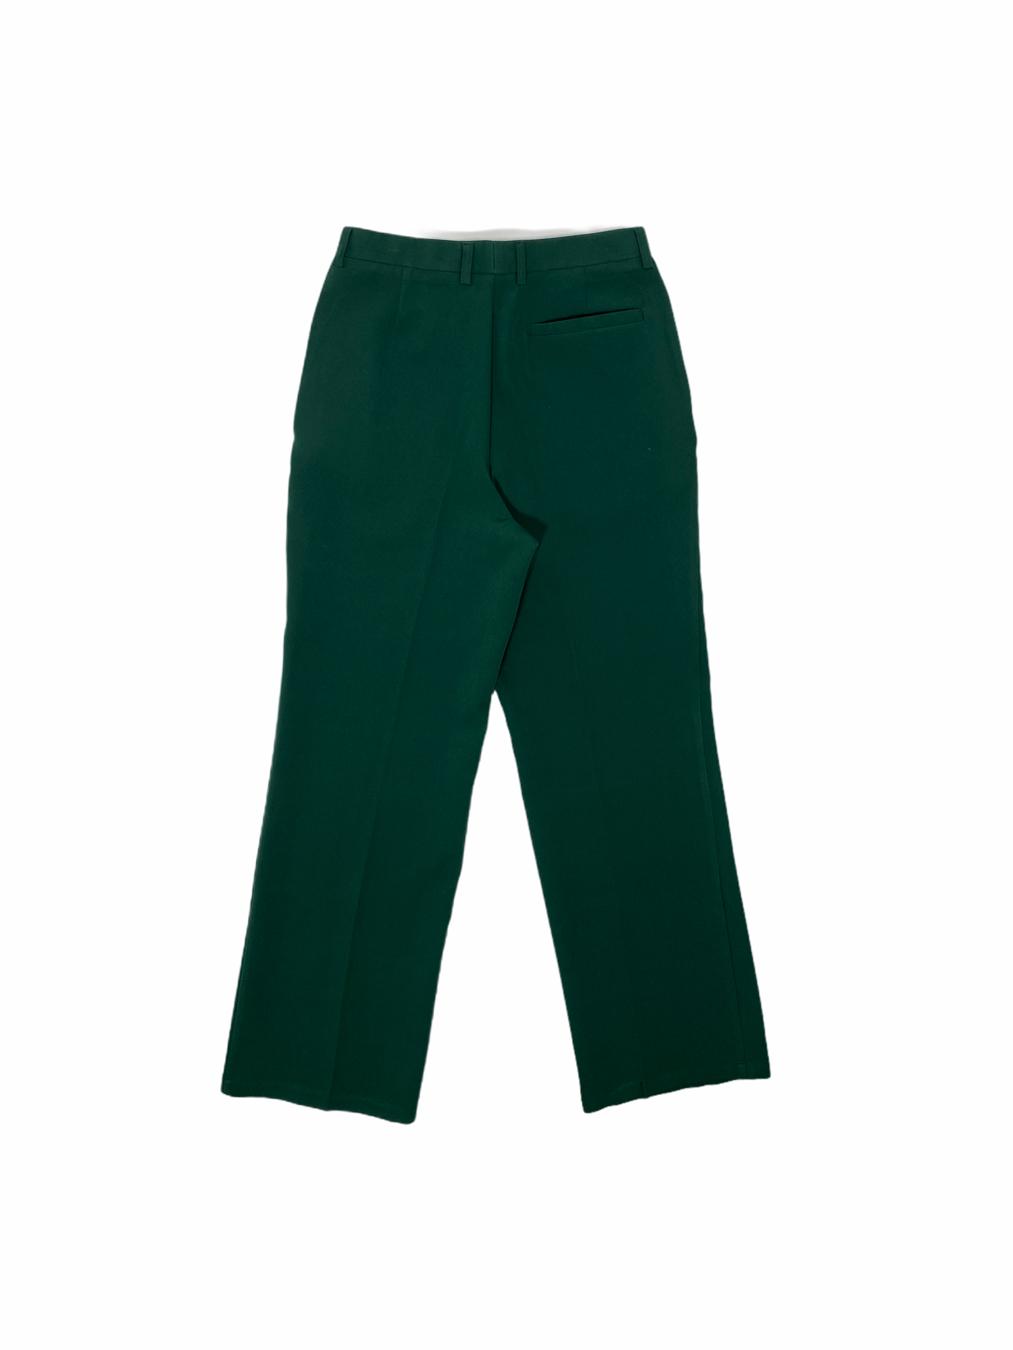 Men's Shaggy Pants (Green)